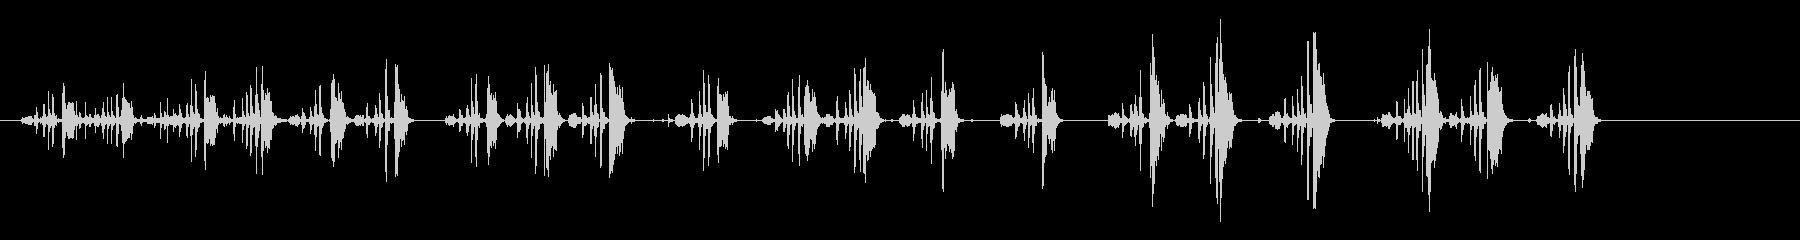 鳩の未再生の波形